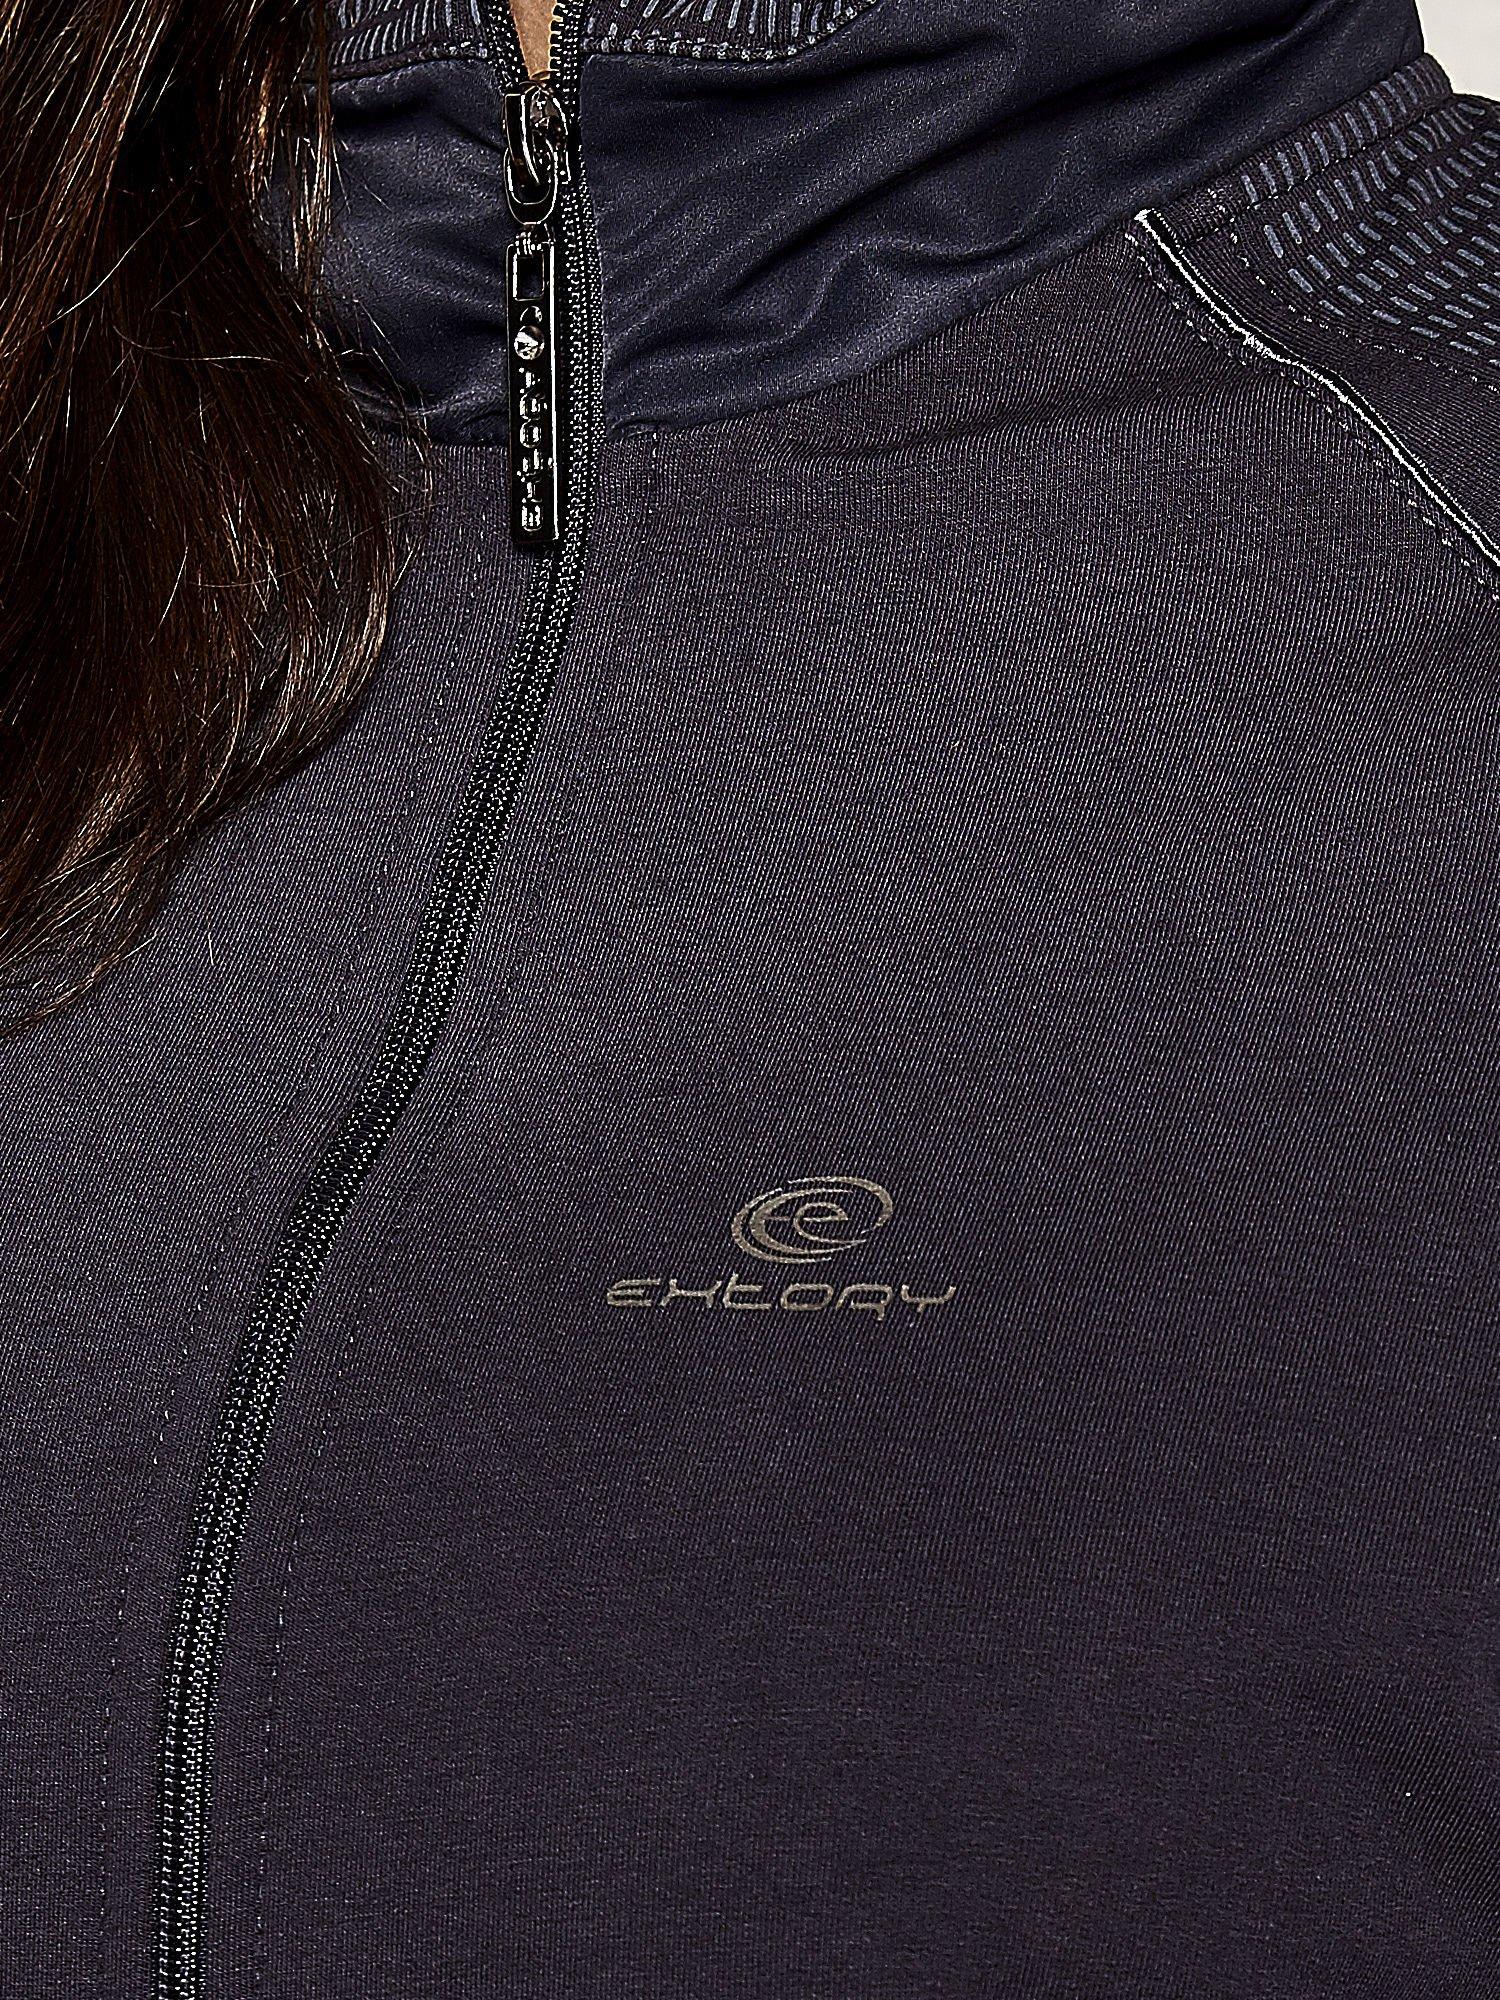 Granatowa bluza sportowa fitness z wiązaniem                                  zdj.                                  4